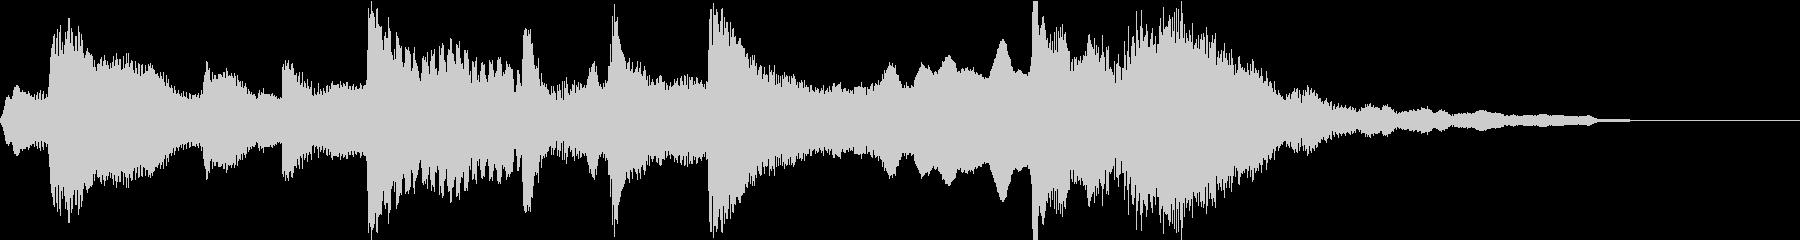 雅で古風な和風ジングル(琴、尺八、鼓)の未再生の波形